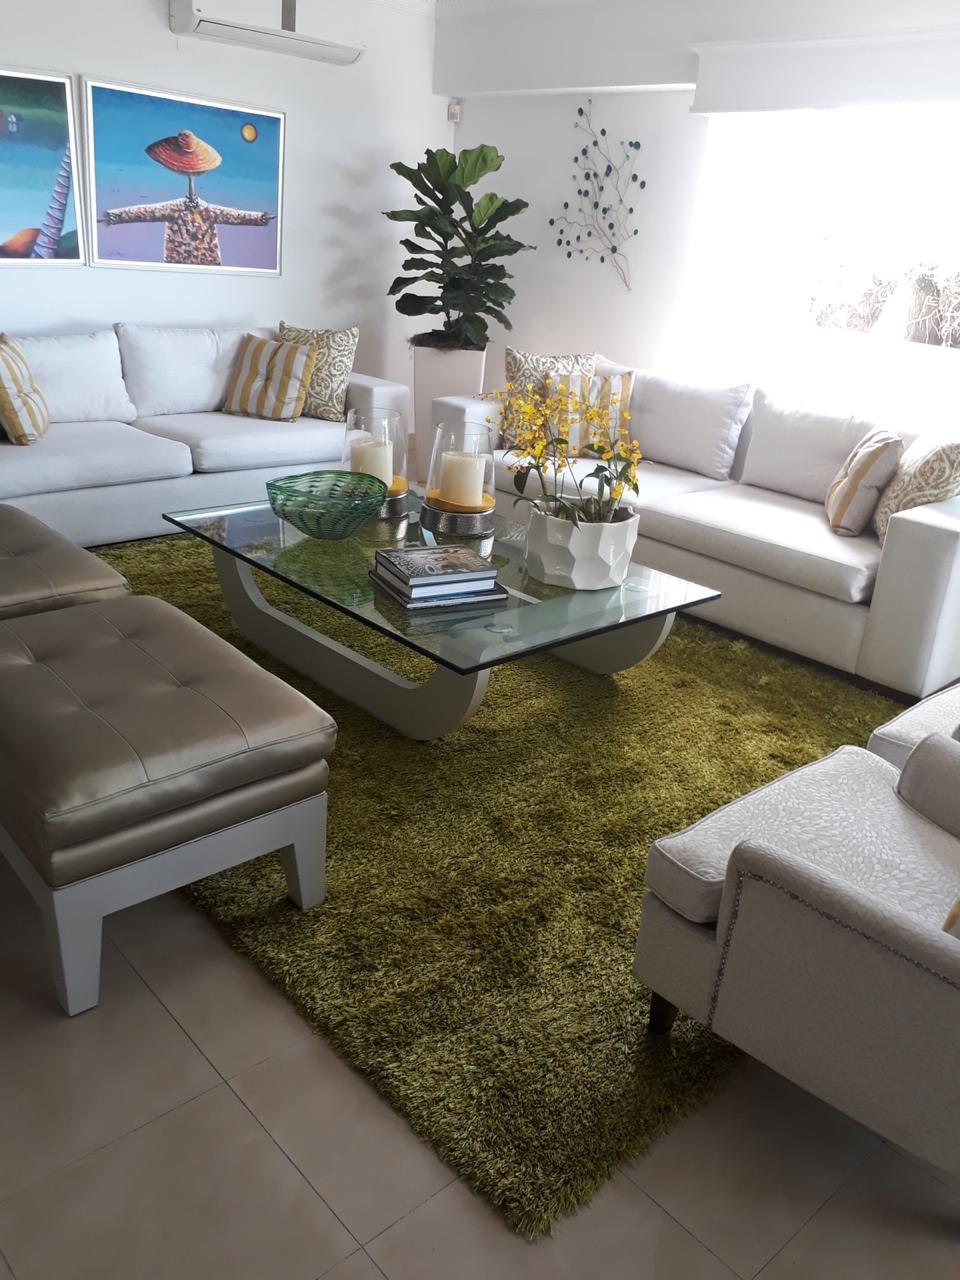 Apartamento en venta en el sector LA ESPERILLA precio US$ 320,000.00 US$320,000